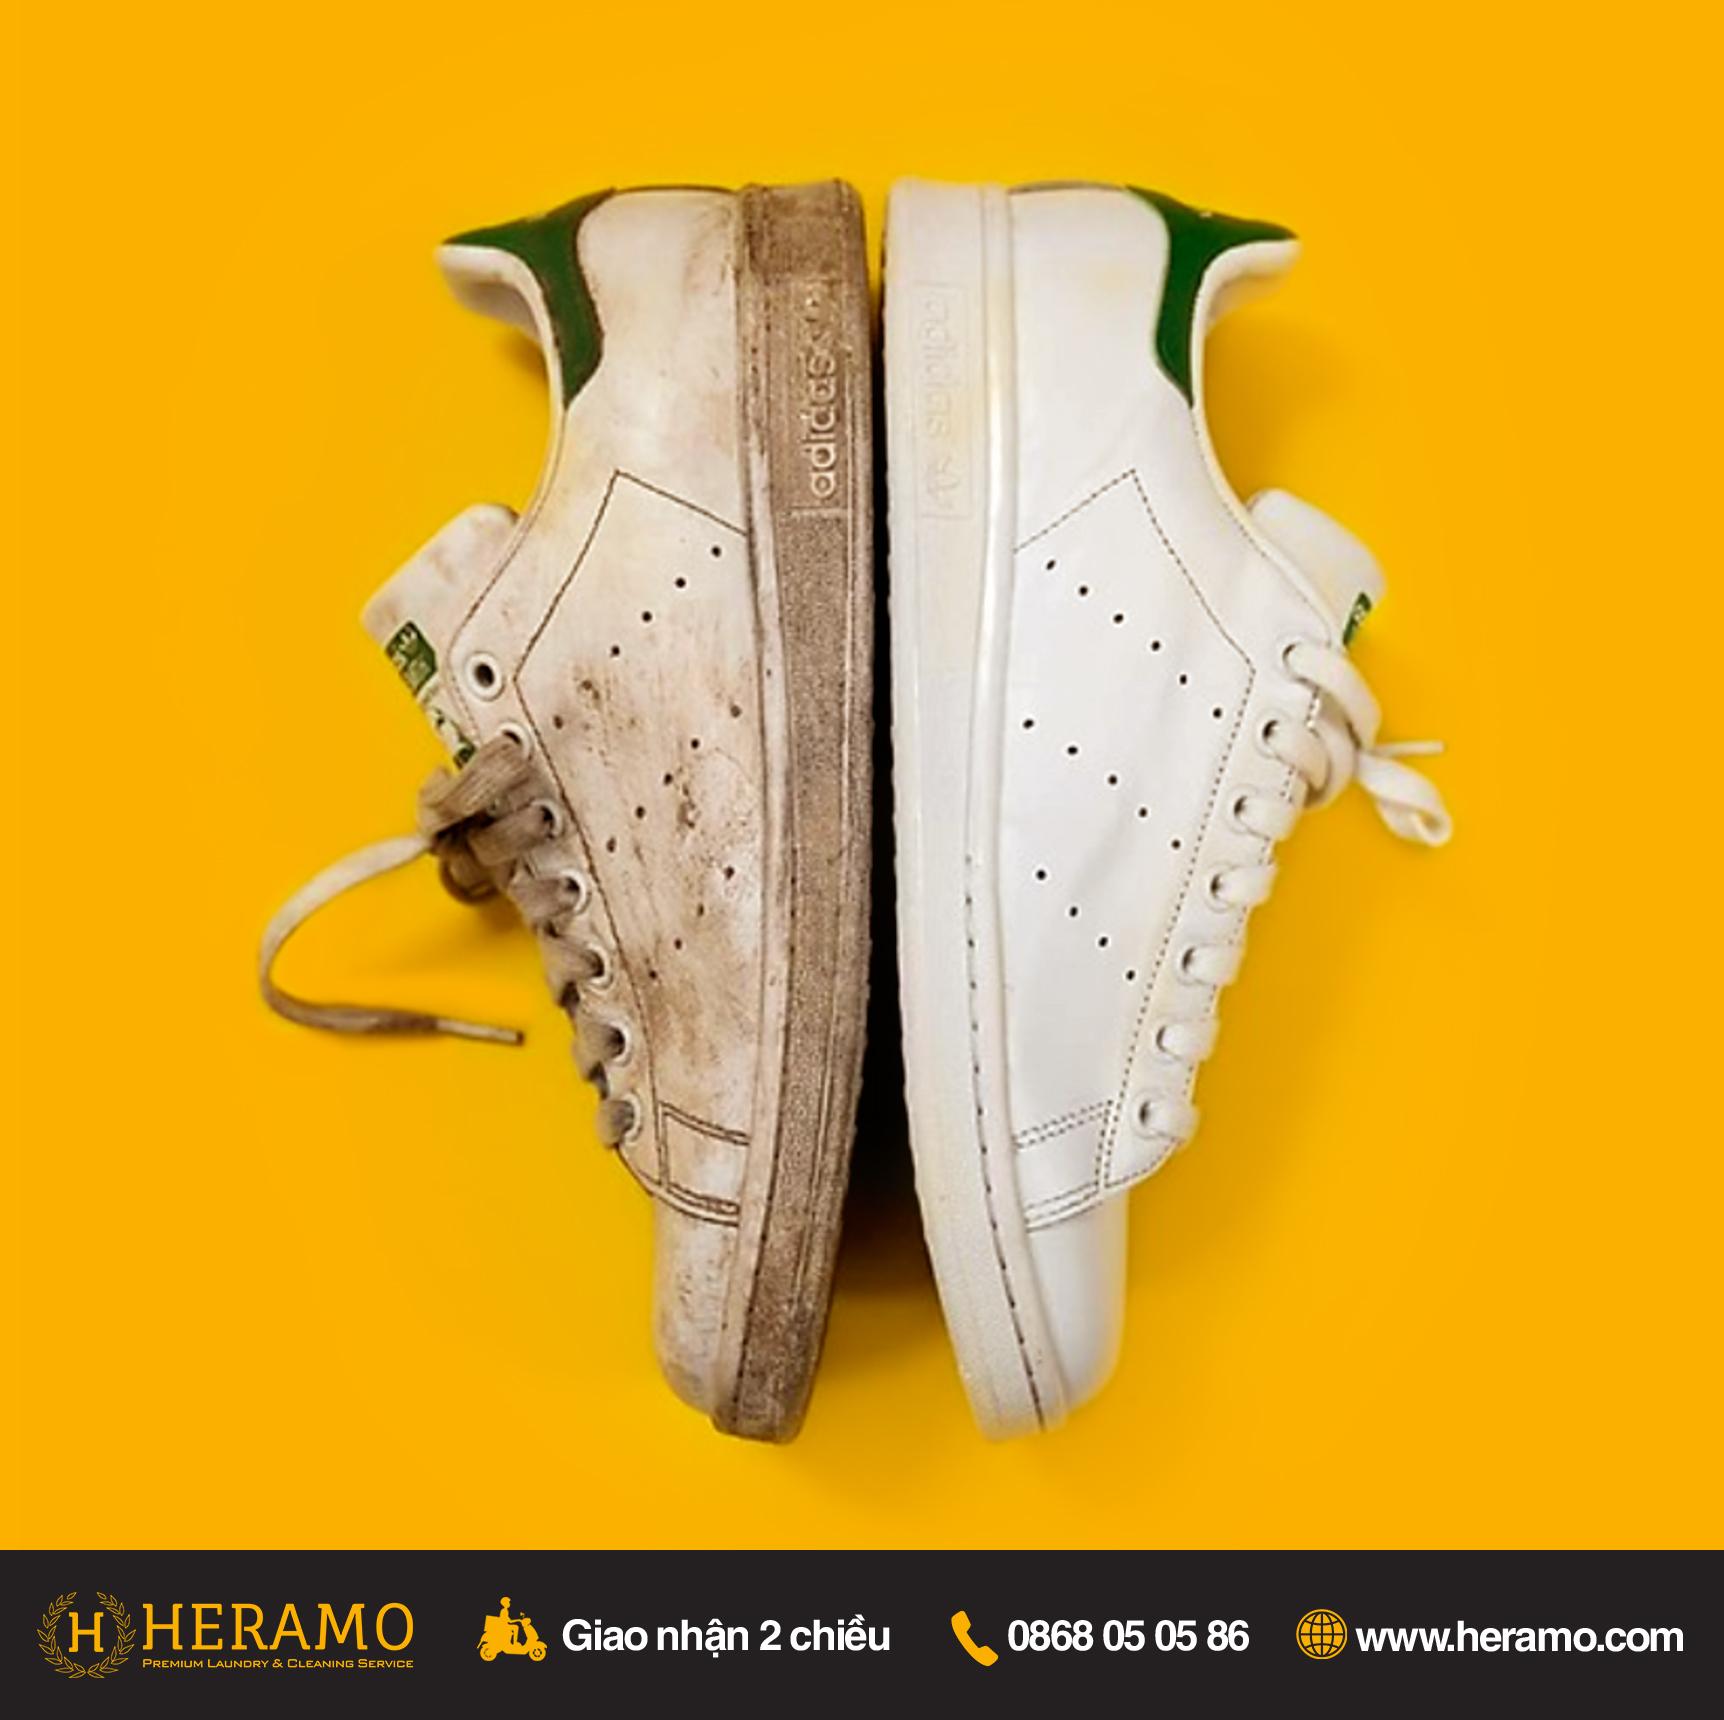 Heramo.com - giặt giày stand smith -hình 3